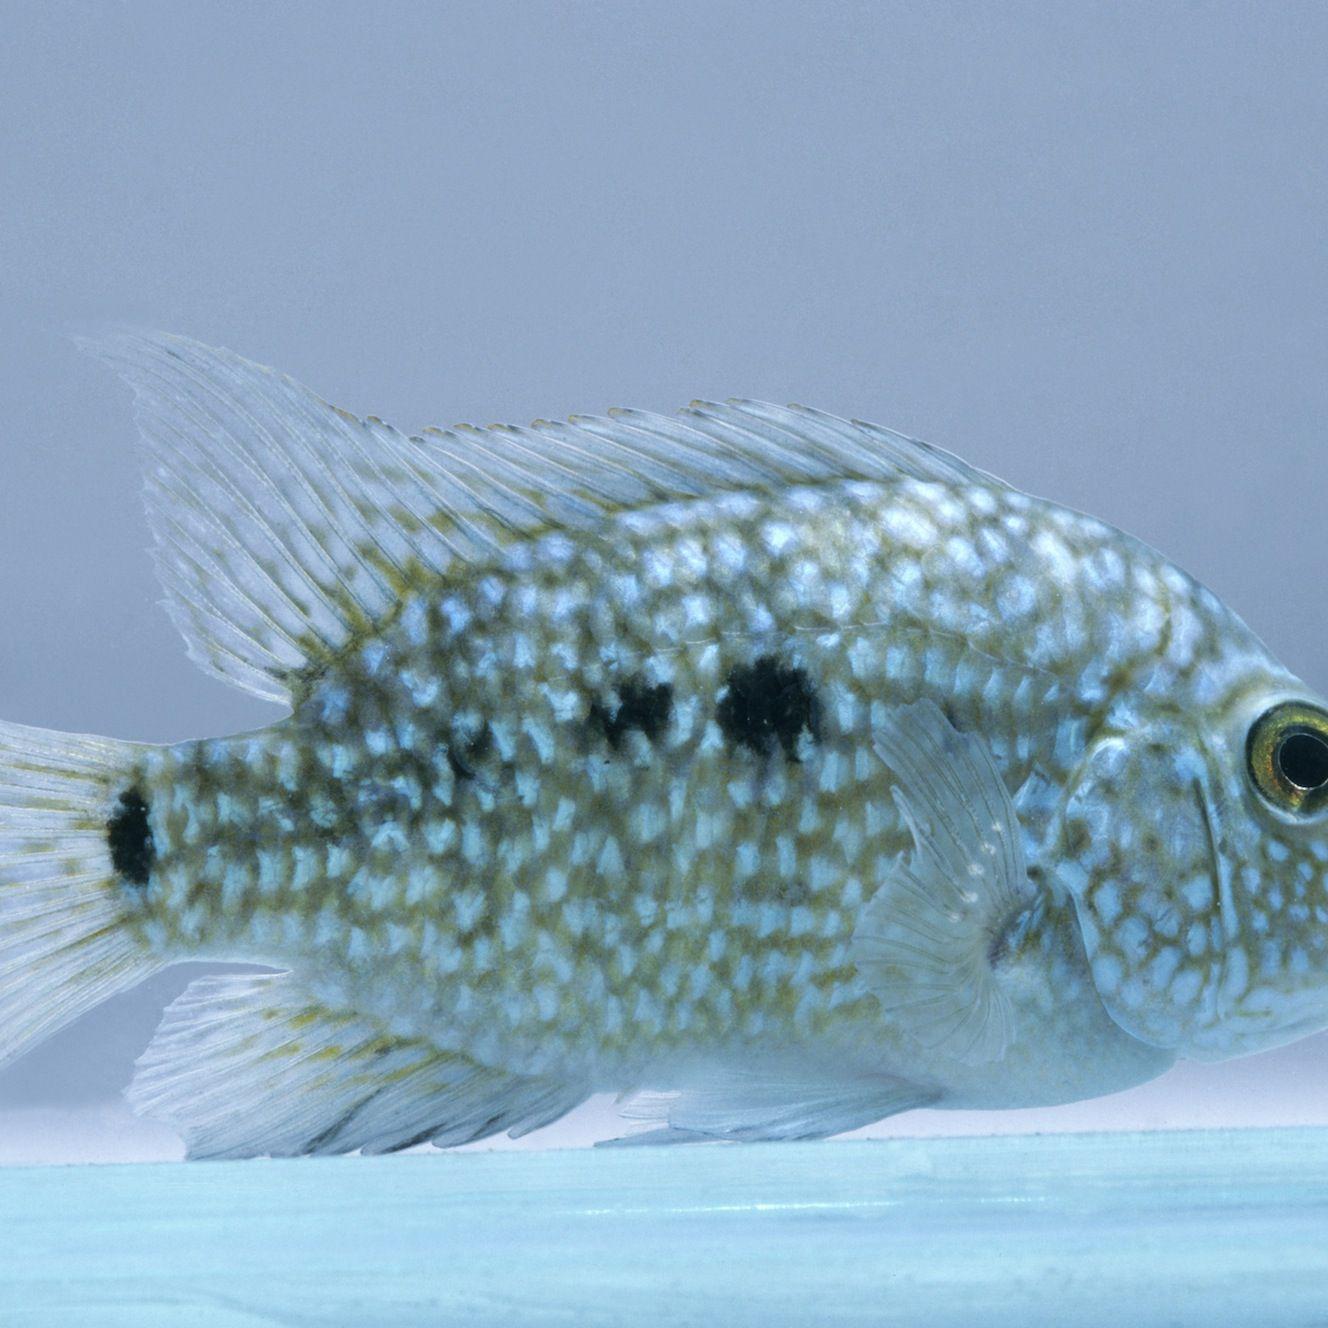 Texas Cichlid Rio Grande Perch Fish Species Profile